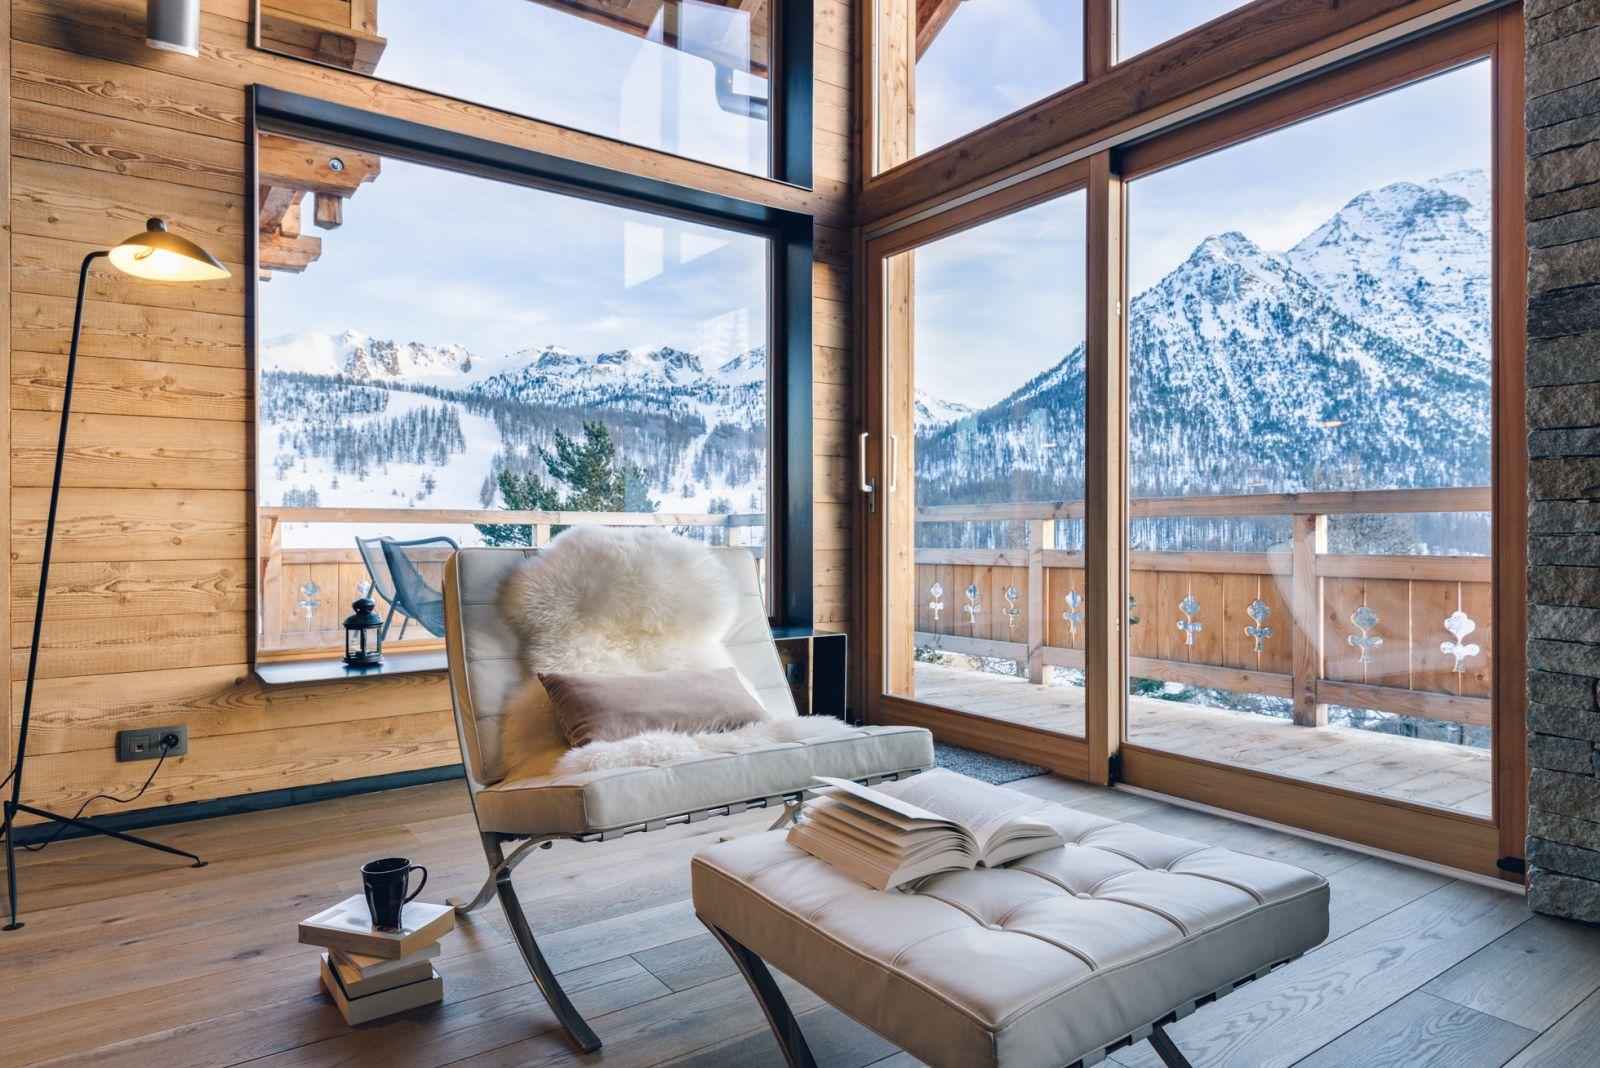 Location chalet luxe montgenevre pied des pistes spa services conciergerie for Location luxe